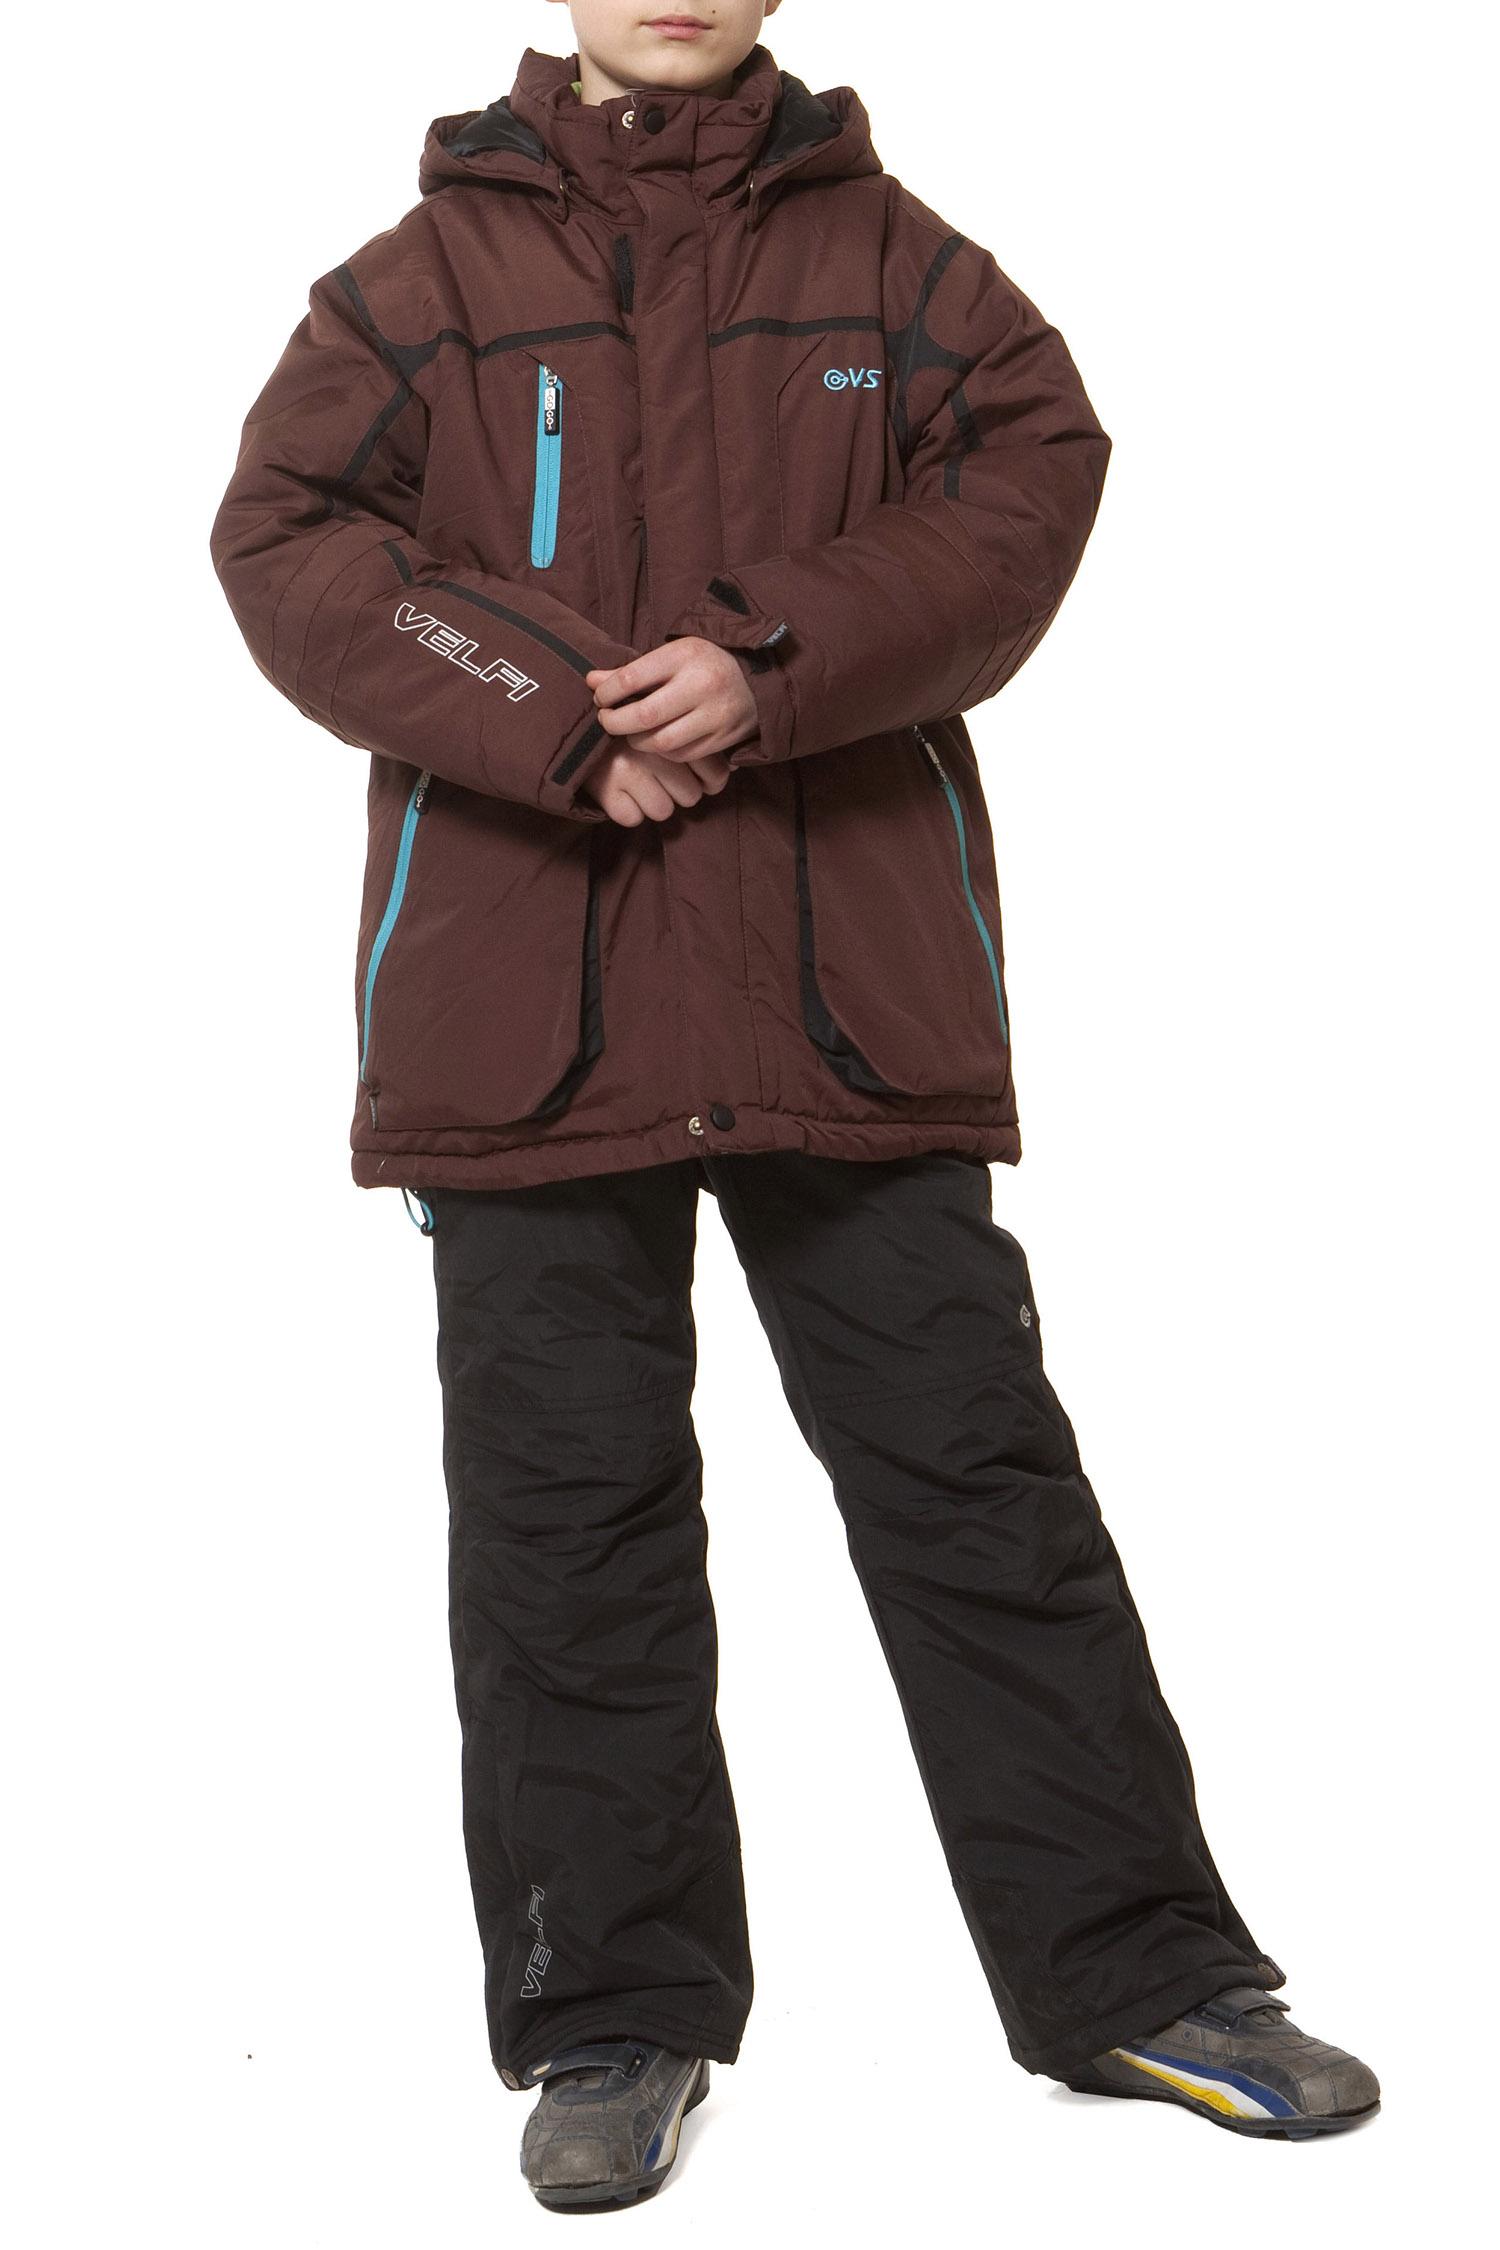 КурткаВерхняя одежда<br>Красивая и удобная куртка для мальчика.  Утеплитель: холлофон  В изделии использованы цвета: коричневый и др.  Размер 74 соответствует росту 70-73 см Размер 80 соответствует росту 74-80 см Размер 86 соответствует росту 81-86 см Размер 92 соответствует росту 87-92 см Размер 98 соответствует росту 93-98 см Размер 104 соответствует росту 98-104 см Размер 110 соответствует росту 105-110 см Размер 116 соответствует росту 111-116 см Размер 122 соответствует росту 117-122 см Размер 128 соответствует росту 123-128 см Размер 134 соответствует росту 129-134 см Размер 140 соответствует росту 135-140 см Размер 146 соответствует росту 141-146 см Размер 152 соответствует росту 147-152 см Размер 158 соответствует росту 153-158 см Размер 164 соответствует росту 159-164 см<br><br>Воротник: Стойка<br>По возрасту: Дошкольные ( от 3 до 7 лет),Школьные ( от 7 до 13 лет)<br>По материалу: Плащевая ткань<br>По образу: Повседневные<br>По рисунку: Однотонные,С принтом (печатью)<br>По силуэту: Полуприталенные<br>По стилю: Повседневные,Теплые<br>По элементам: С молнией,С утеплителем<br>Рукав: Длинный рукав<br>По сезону: Зима<br>Размер : 116,122,128,134,140<br>Материал: Плащевая ткань<br>Количество в наличии: 5